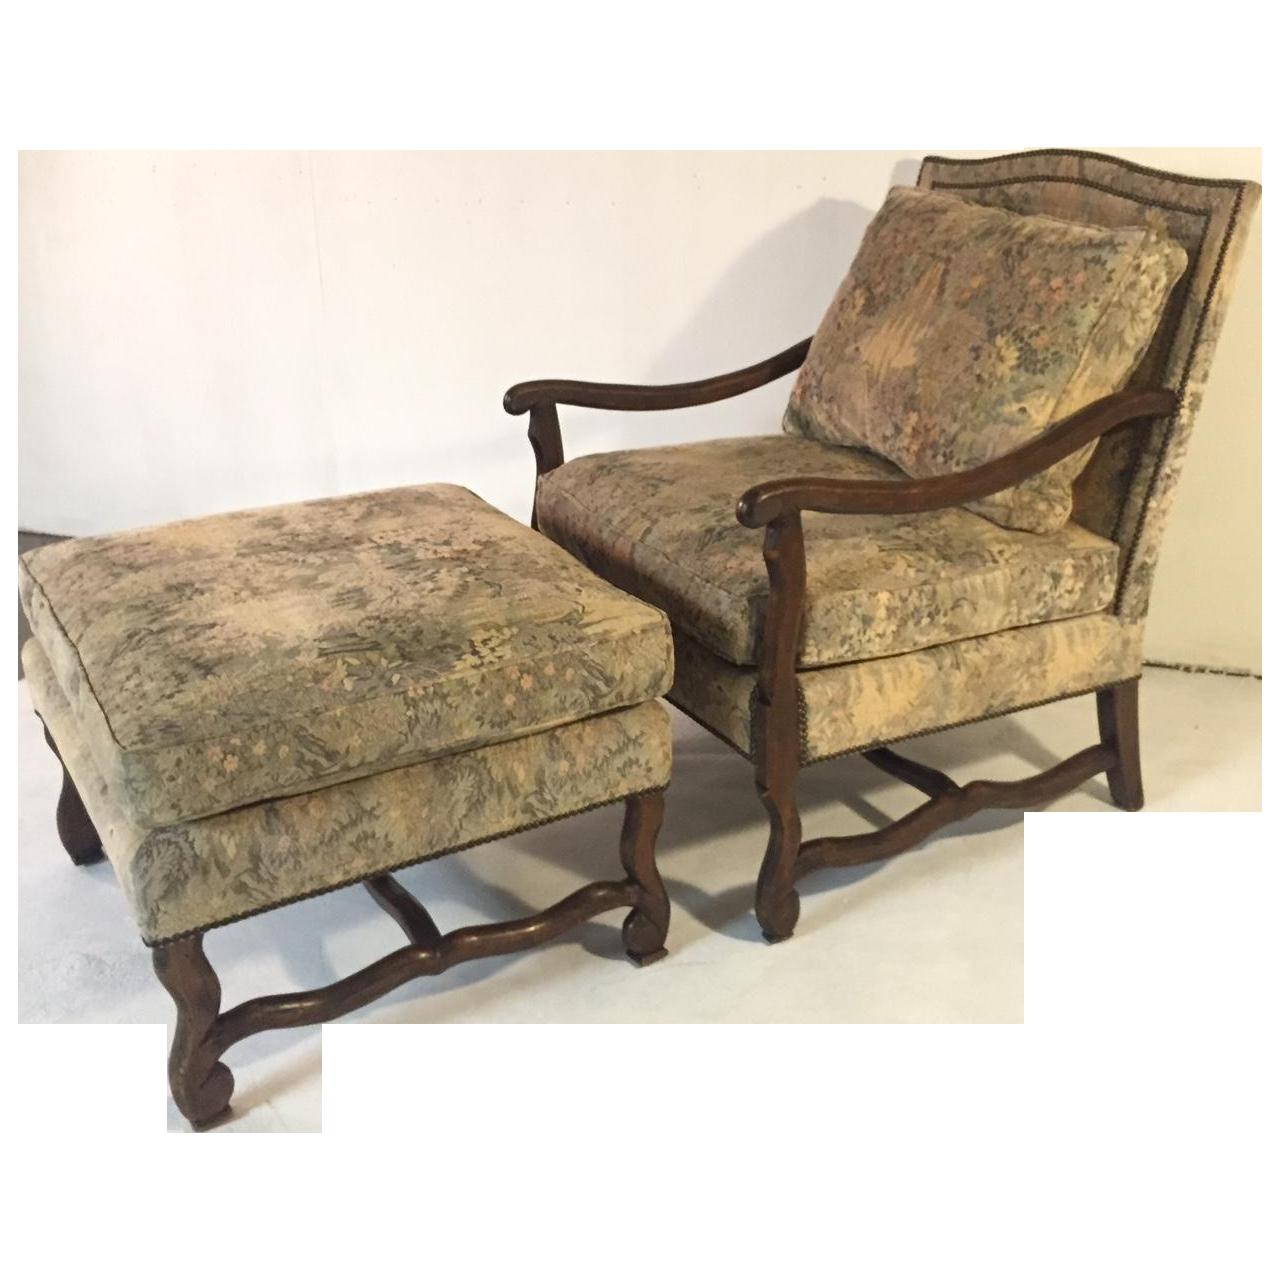 Barcelona Lounge Chair and Ottoman Set